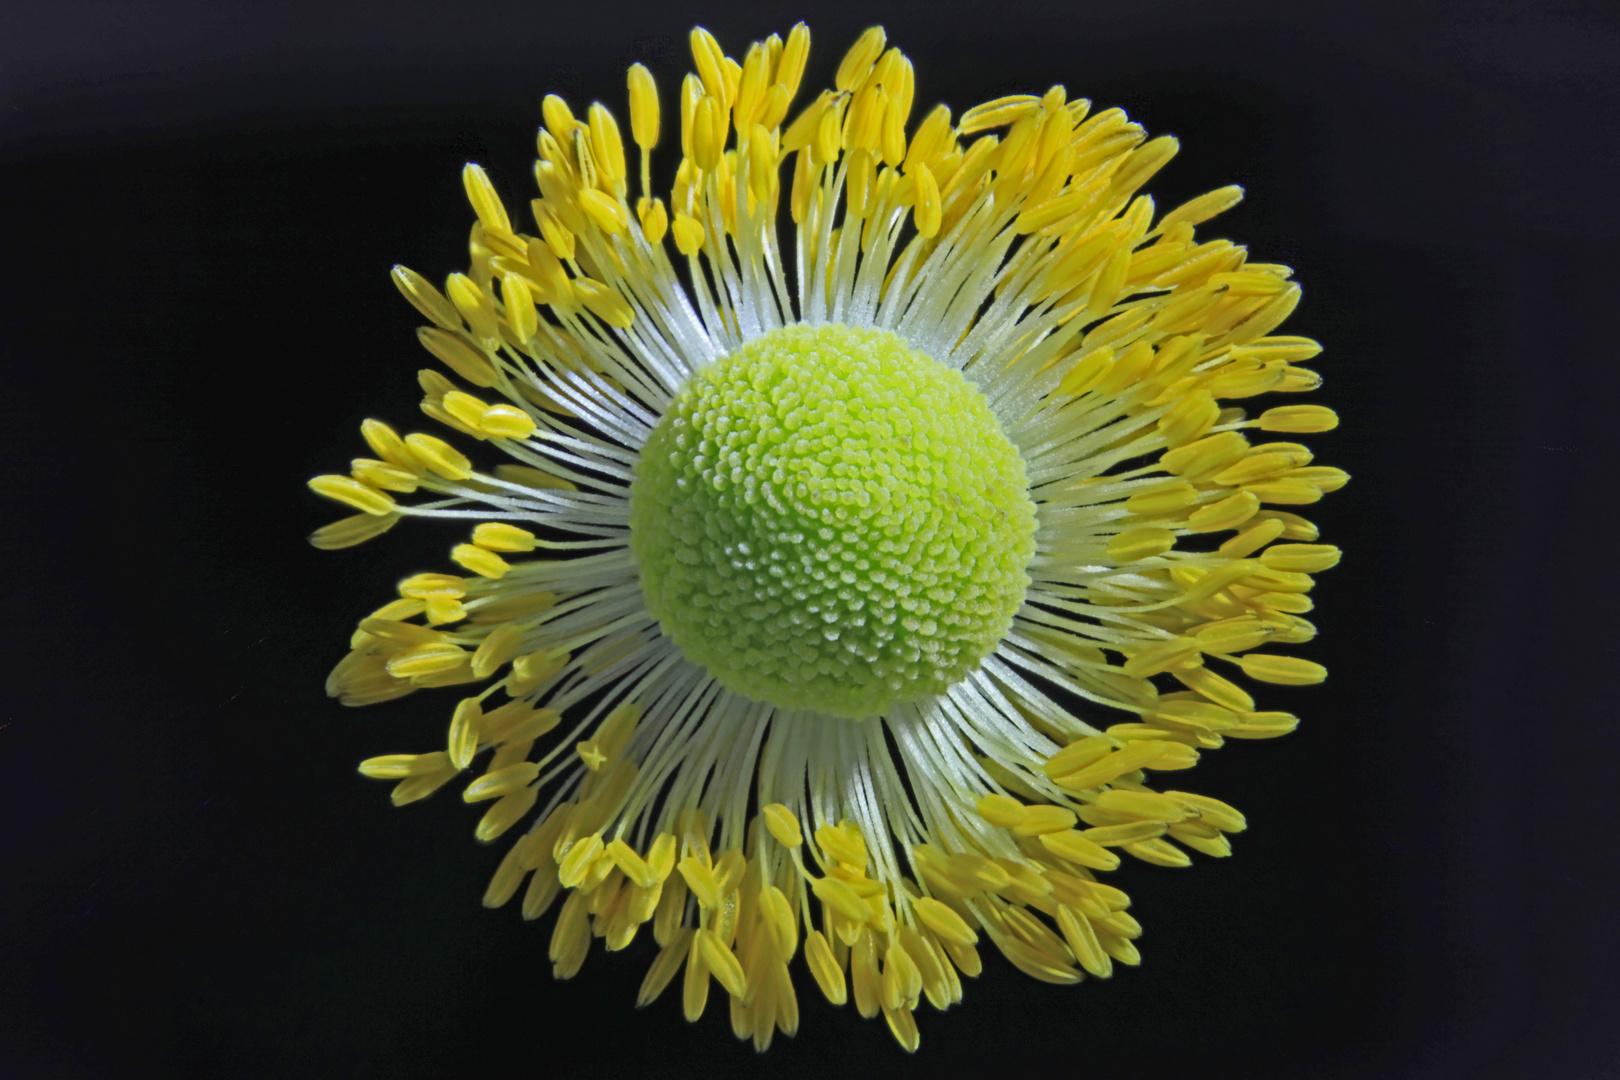 Bestäubungskranz der Japan-Anemone